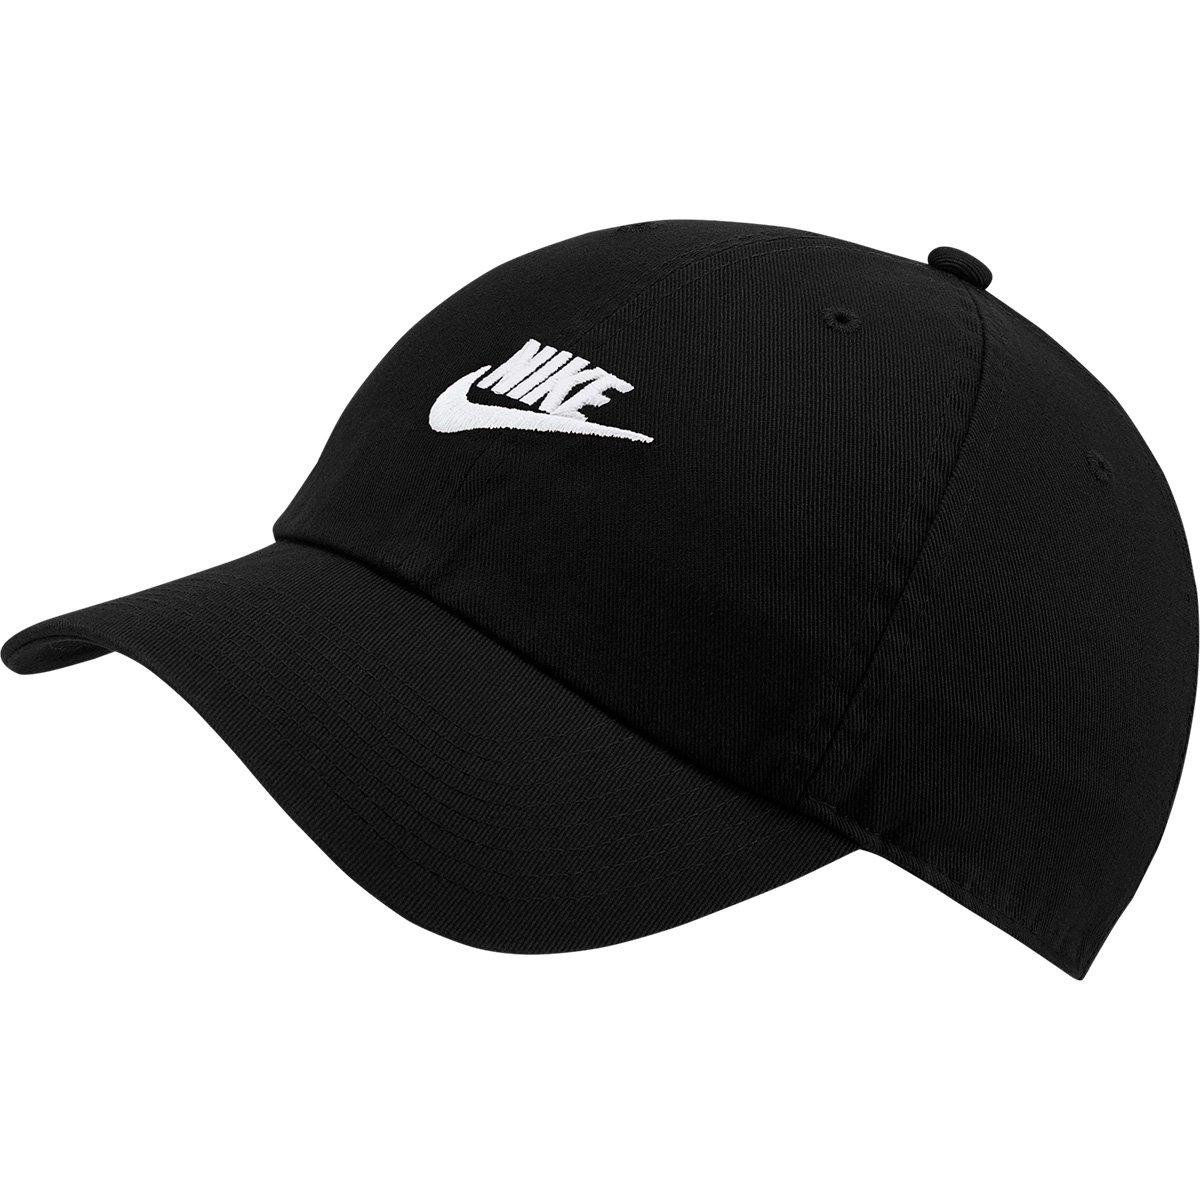 1030c1c524790 Boné Nike Aba Curva U Nsw H86 Futura Washed - Preto e Branco - Compre Agora